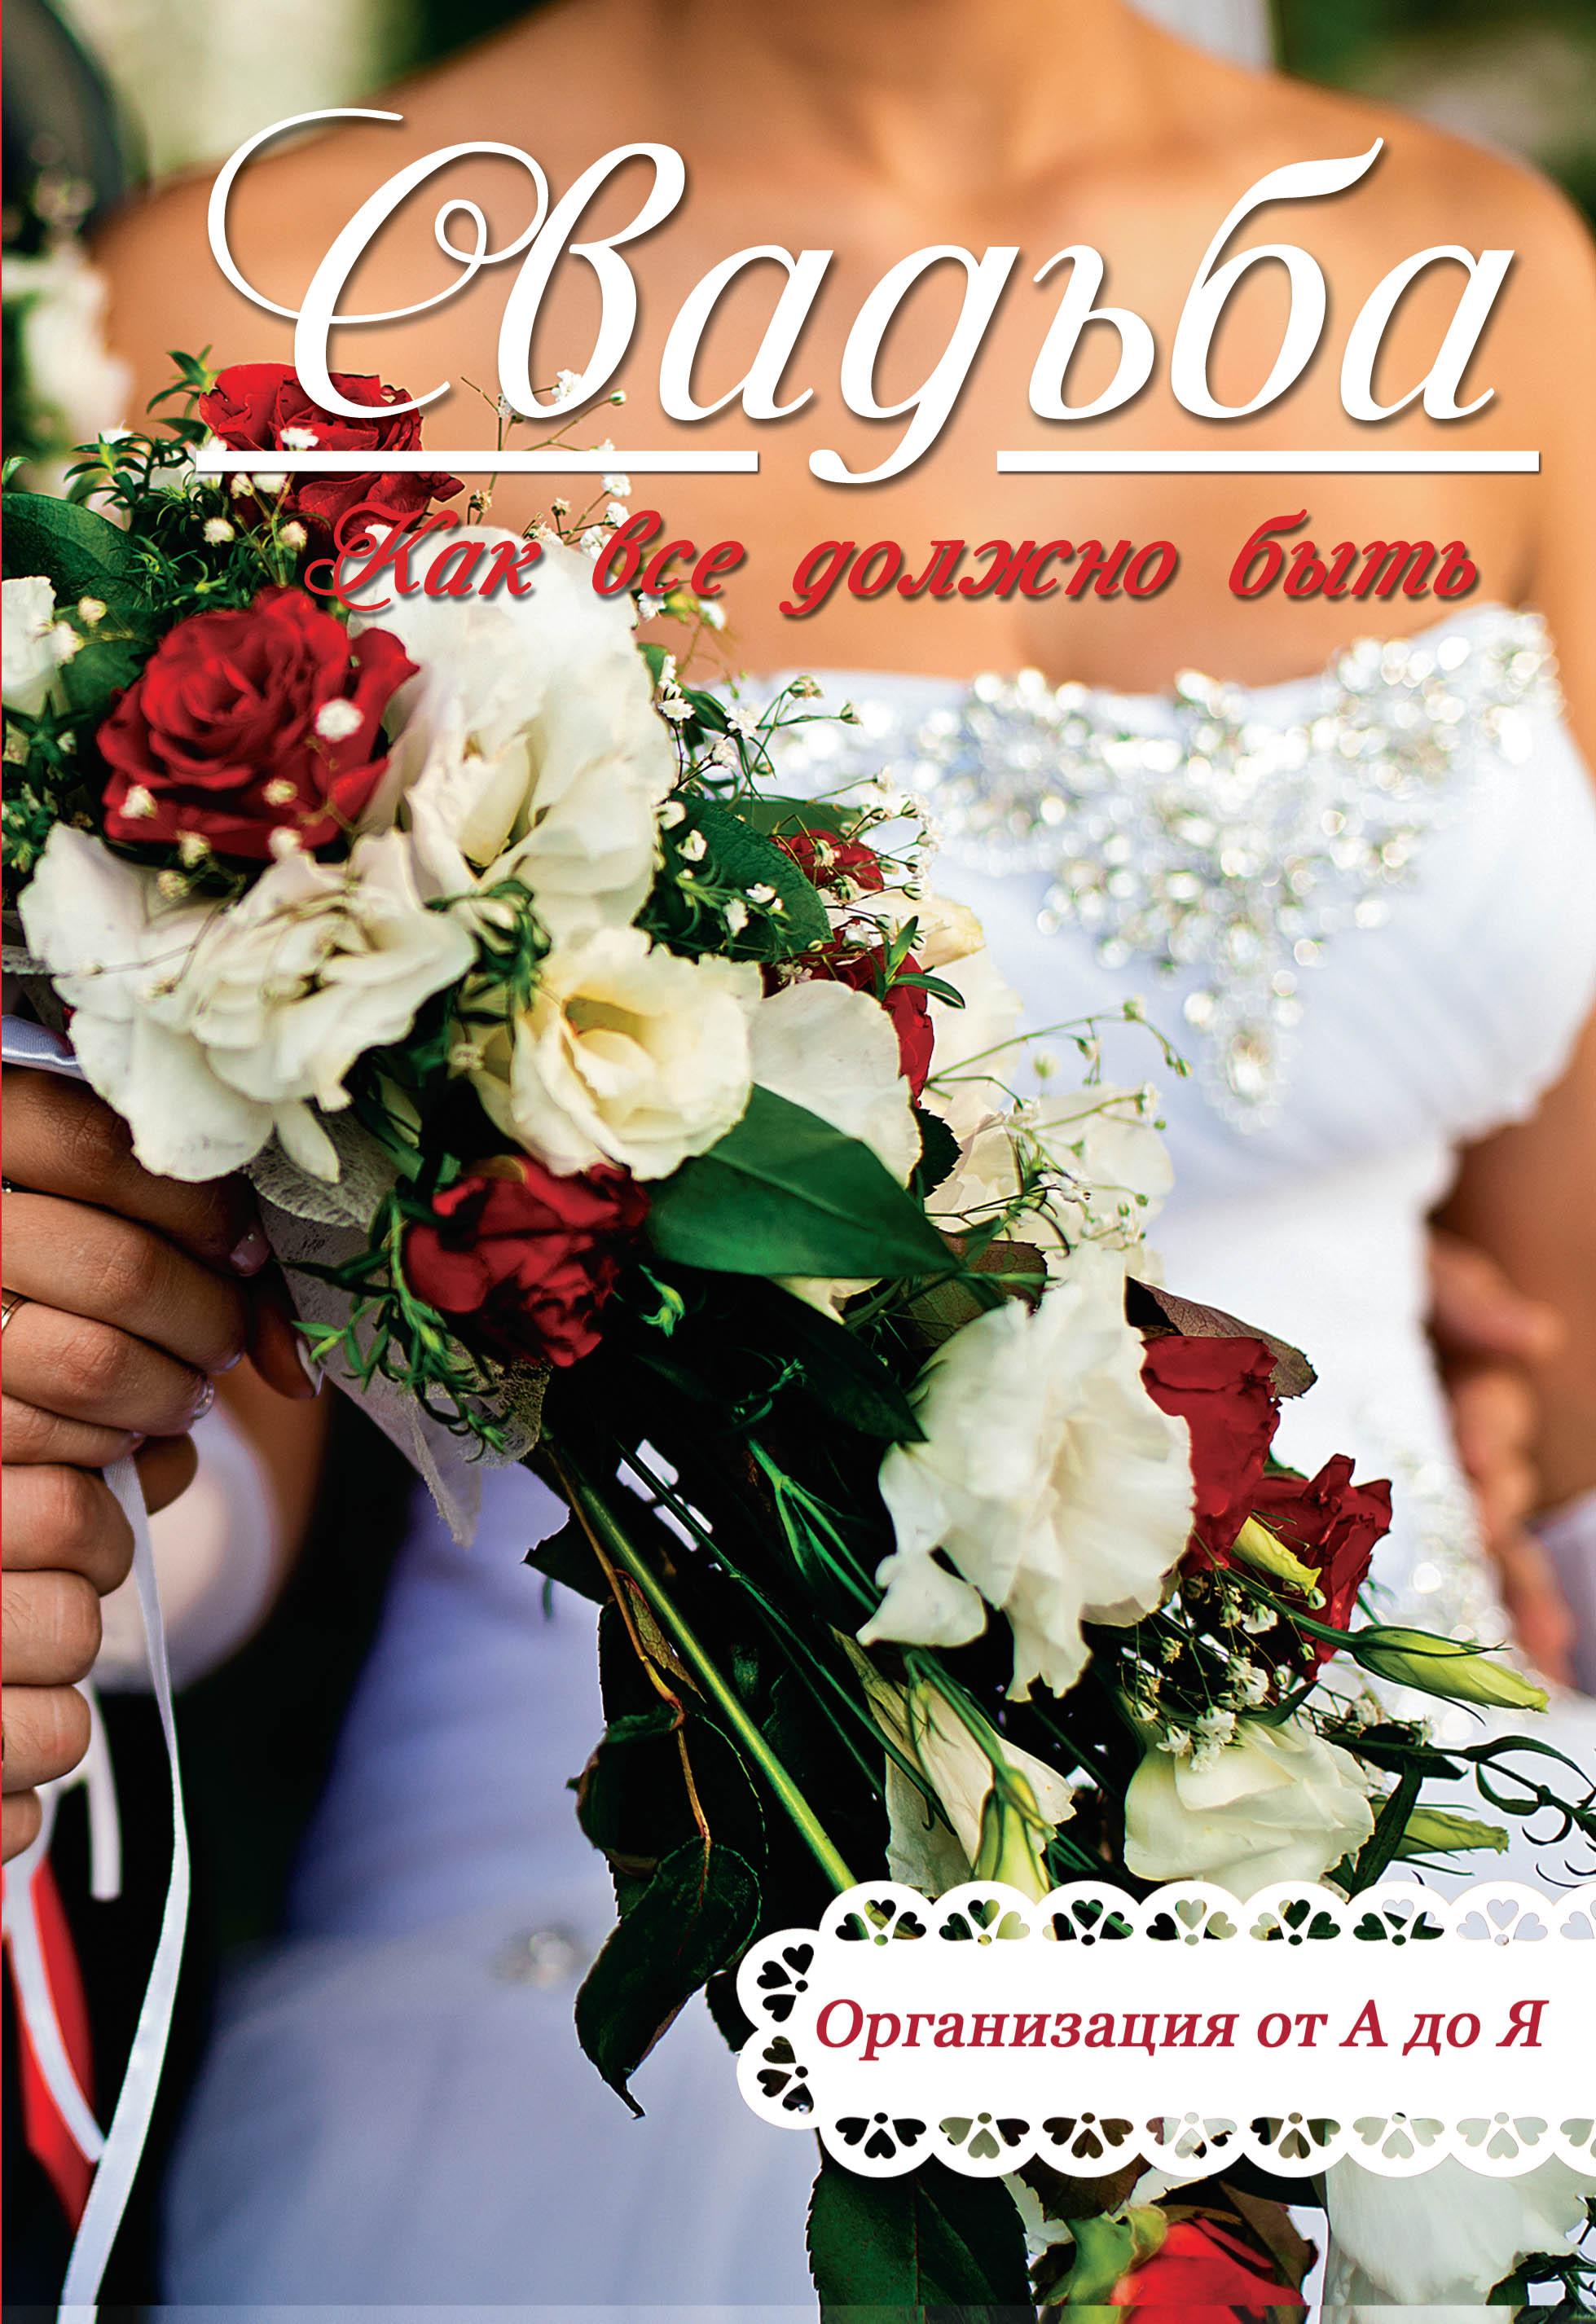 Свадьба. Как все должно быть